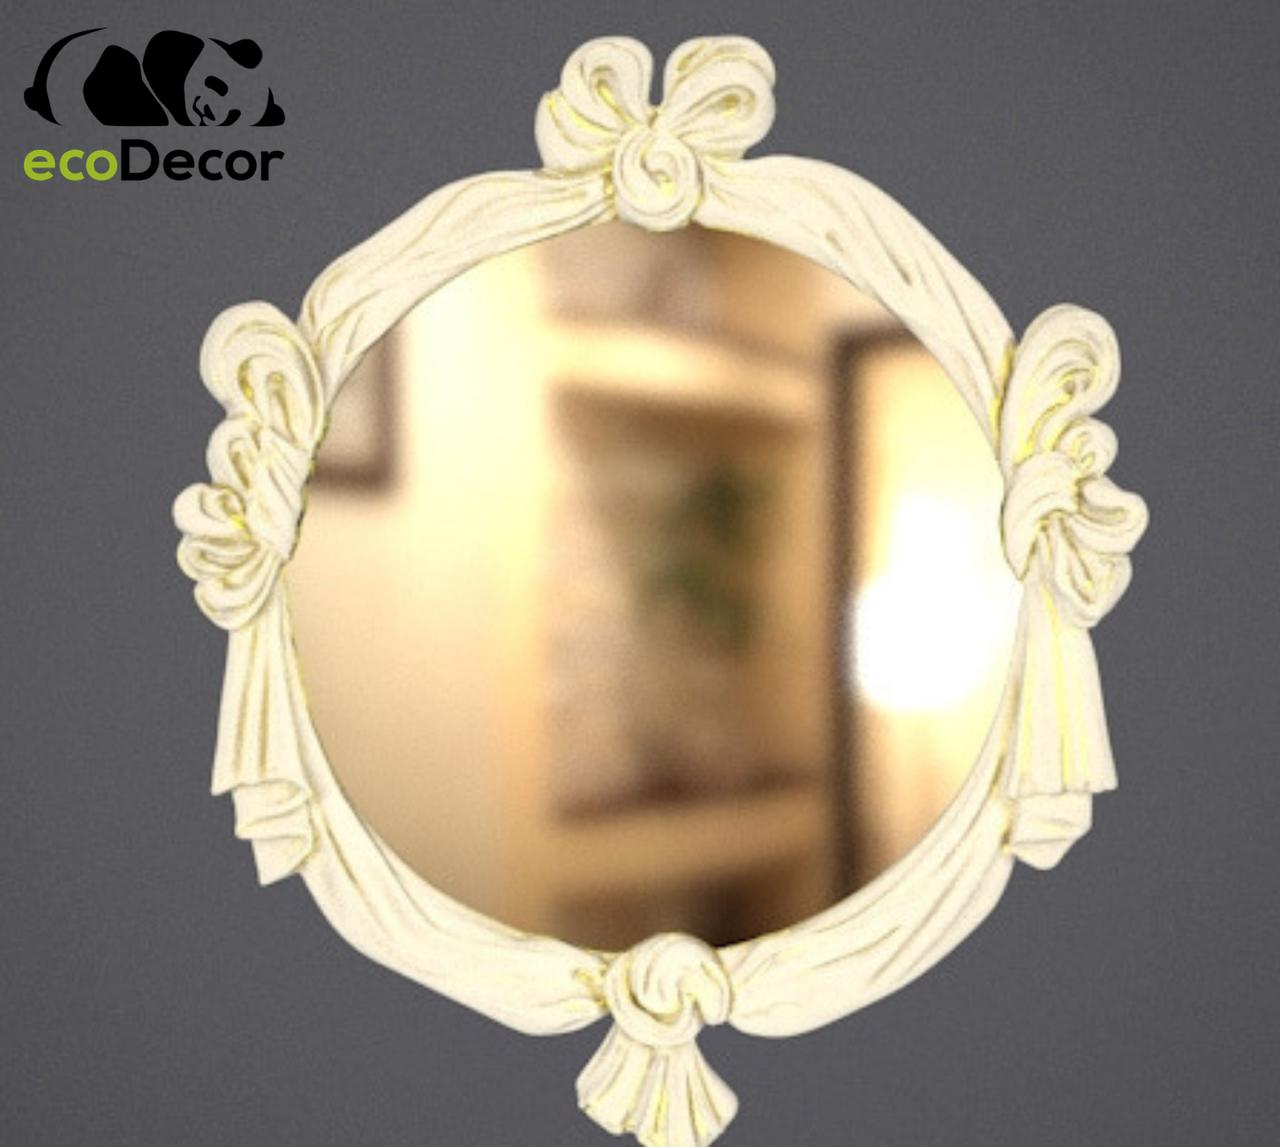 Зеркало настенное Nagoya в белой с золотом раме